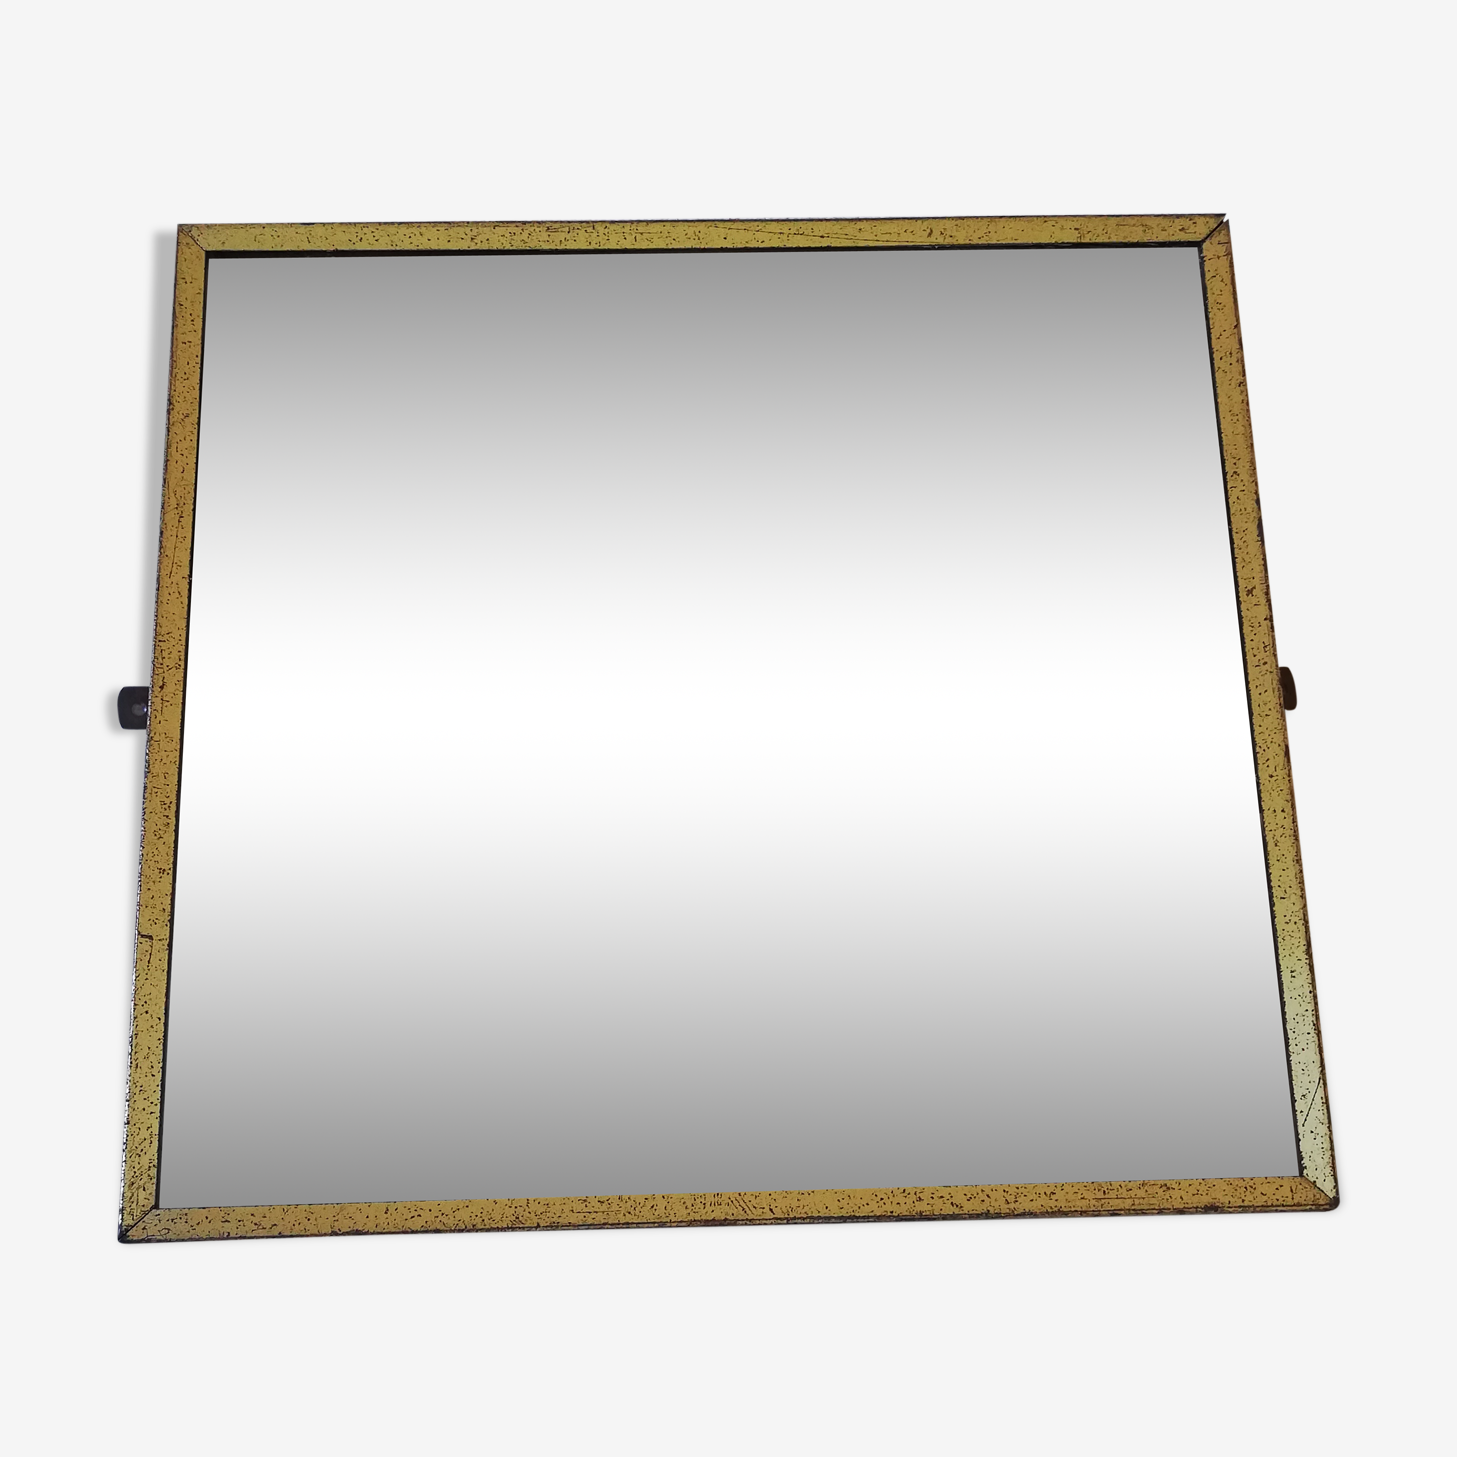 Golden mirror 32x30cm